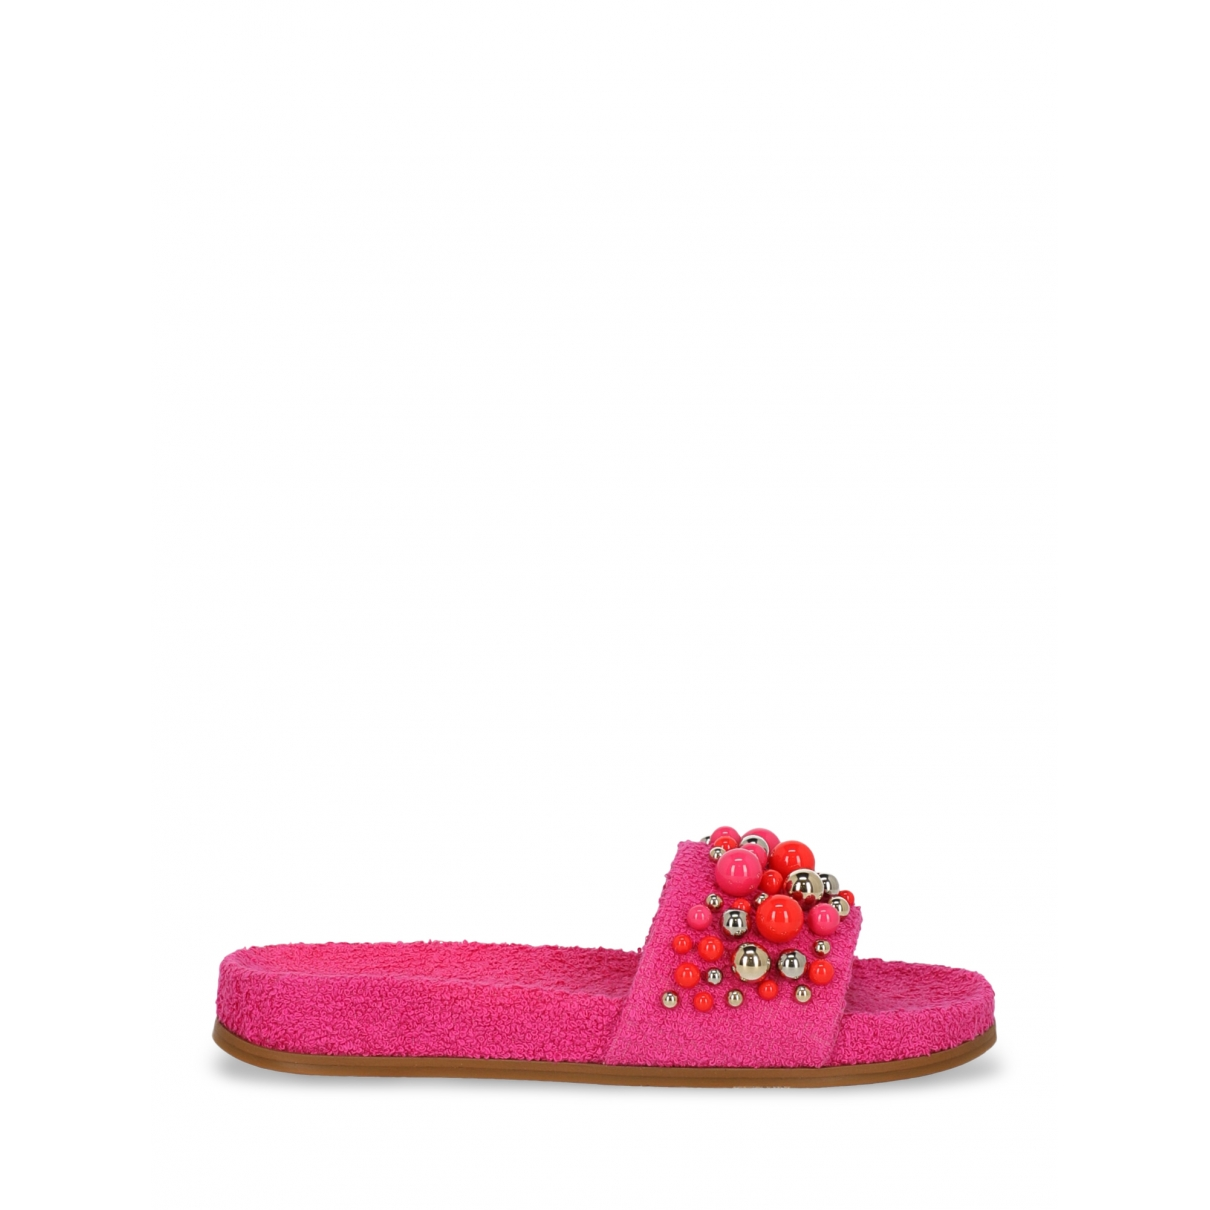 Aquazzura - Sandales   pour femme en toile - rose